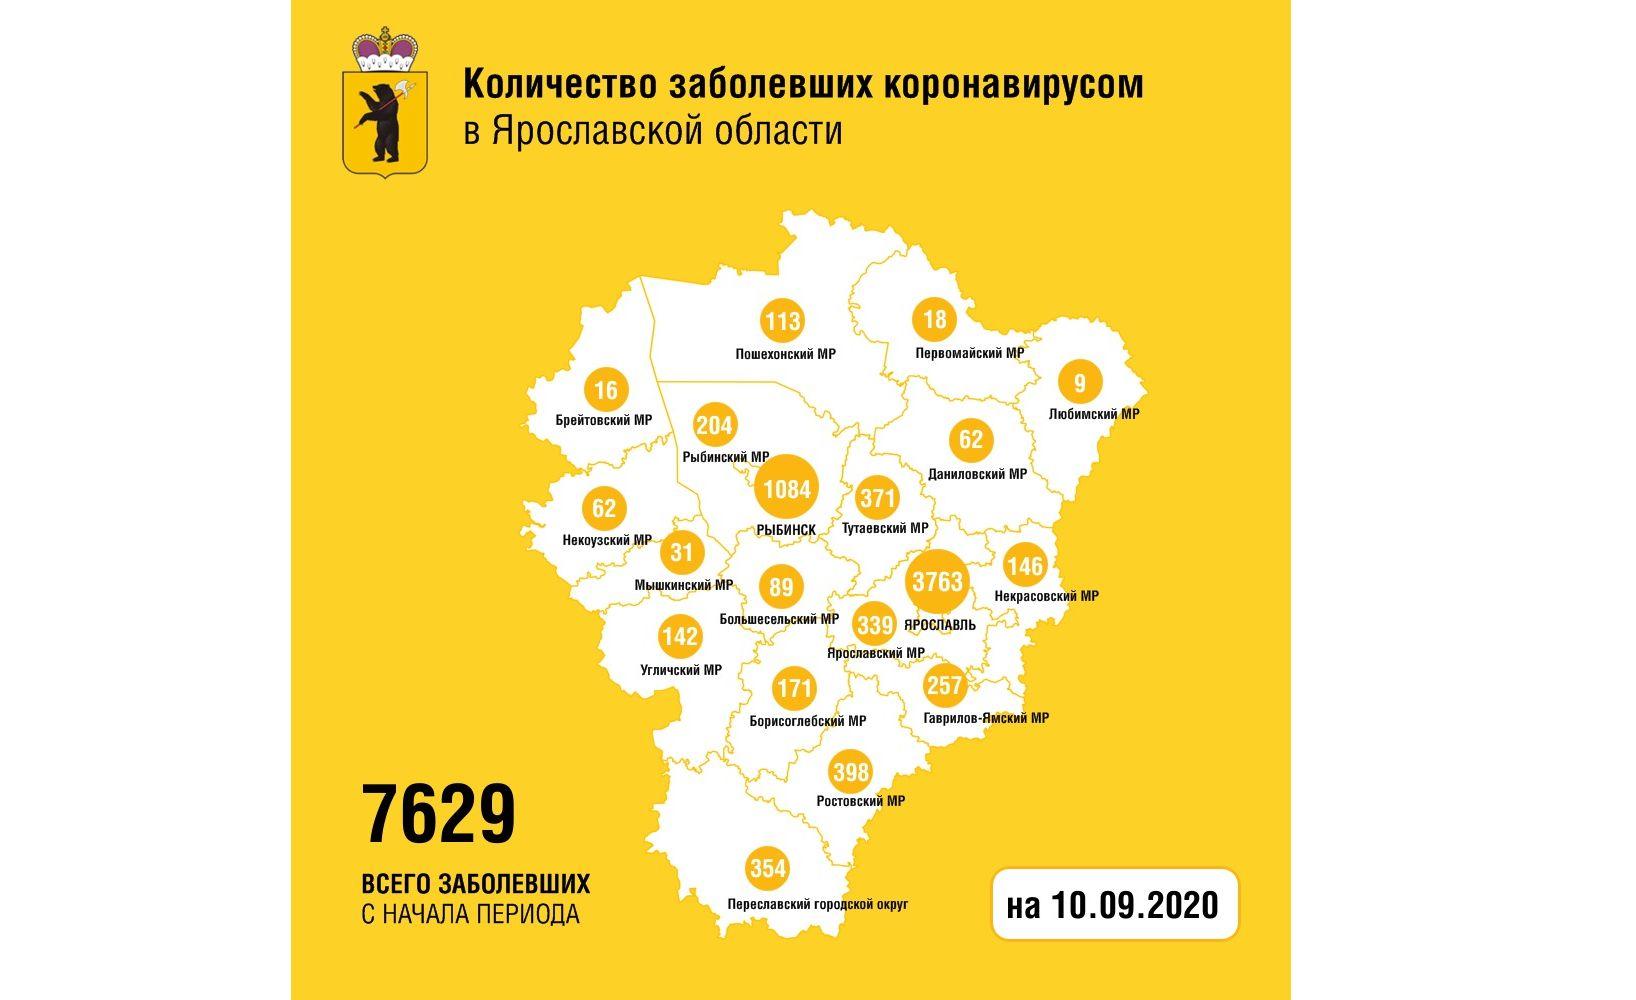 Еще 78 жителей Ярославской области вылечили от коронавируса